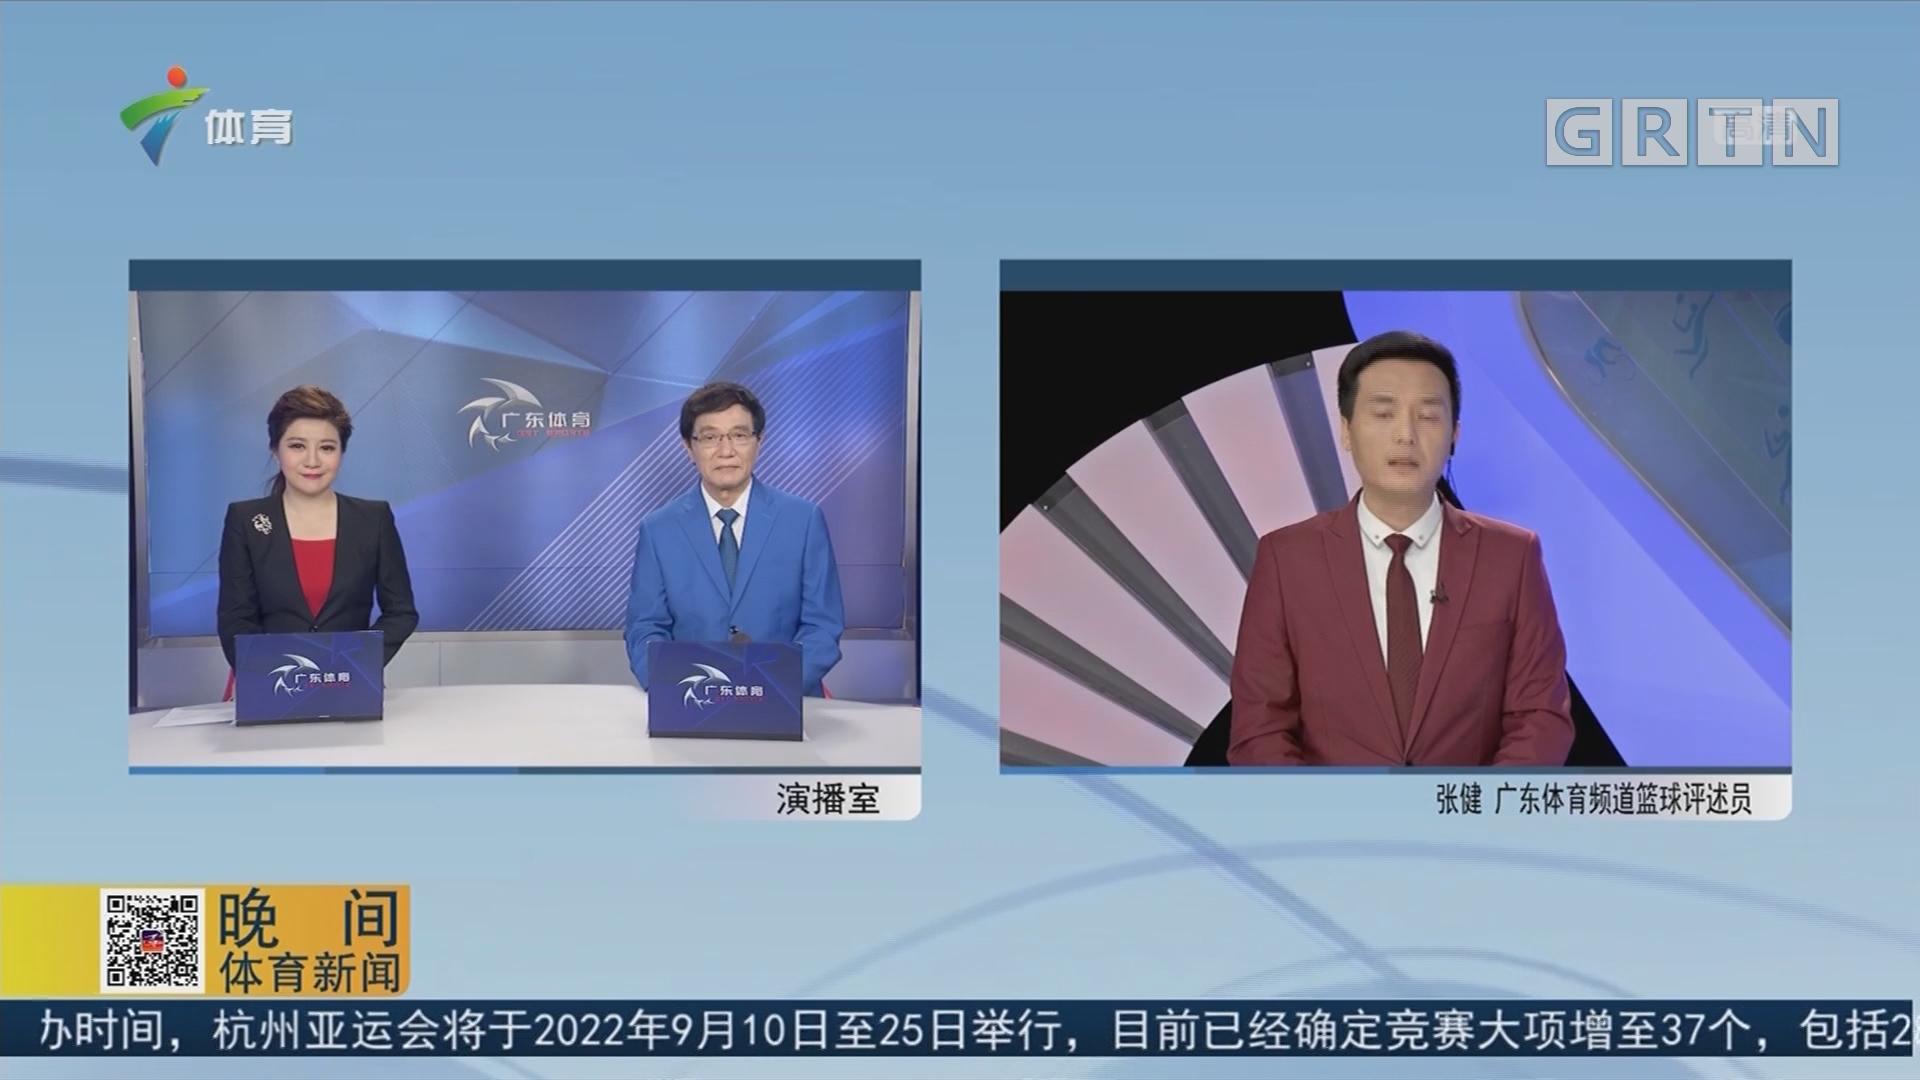 专家点评:广东大胜深圳